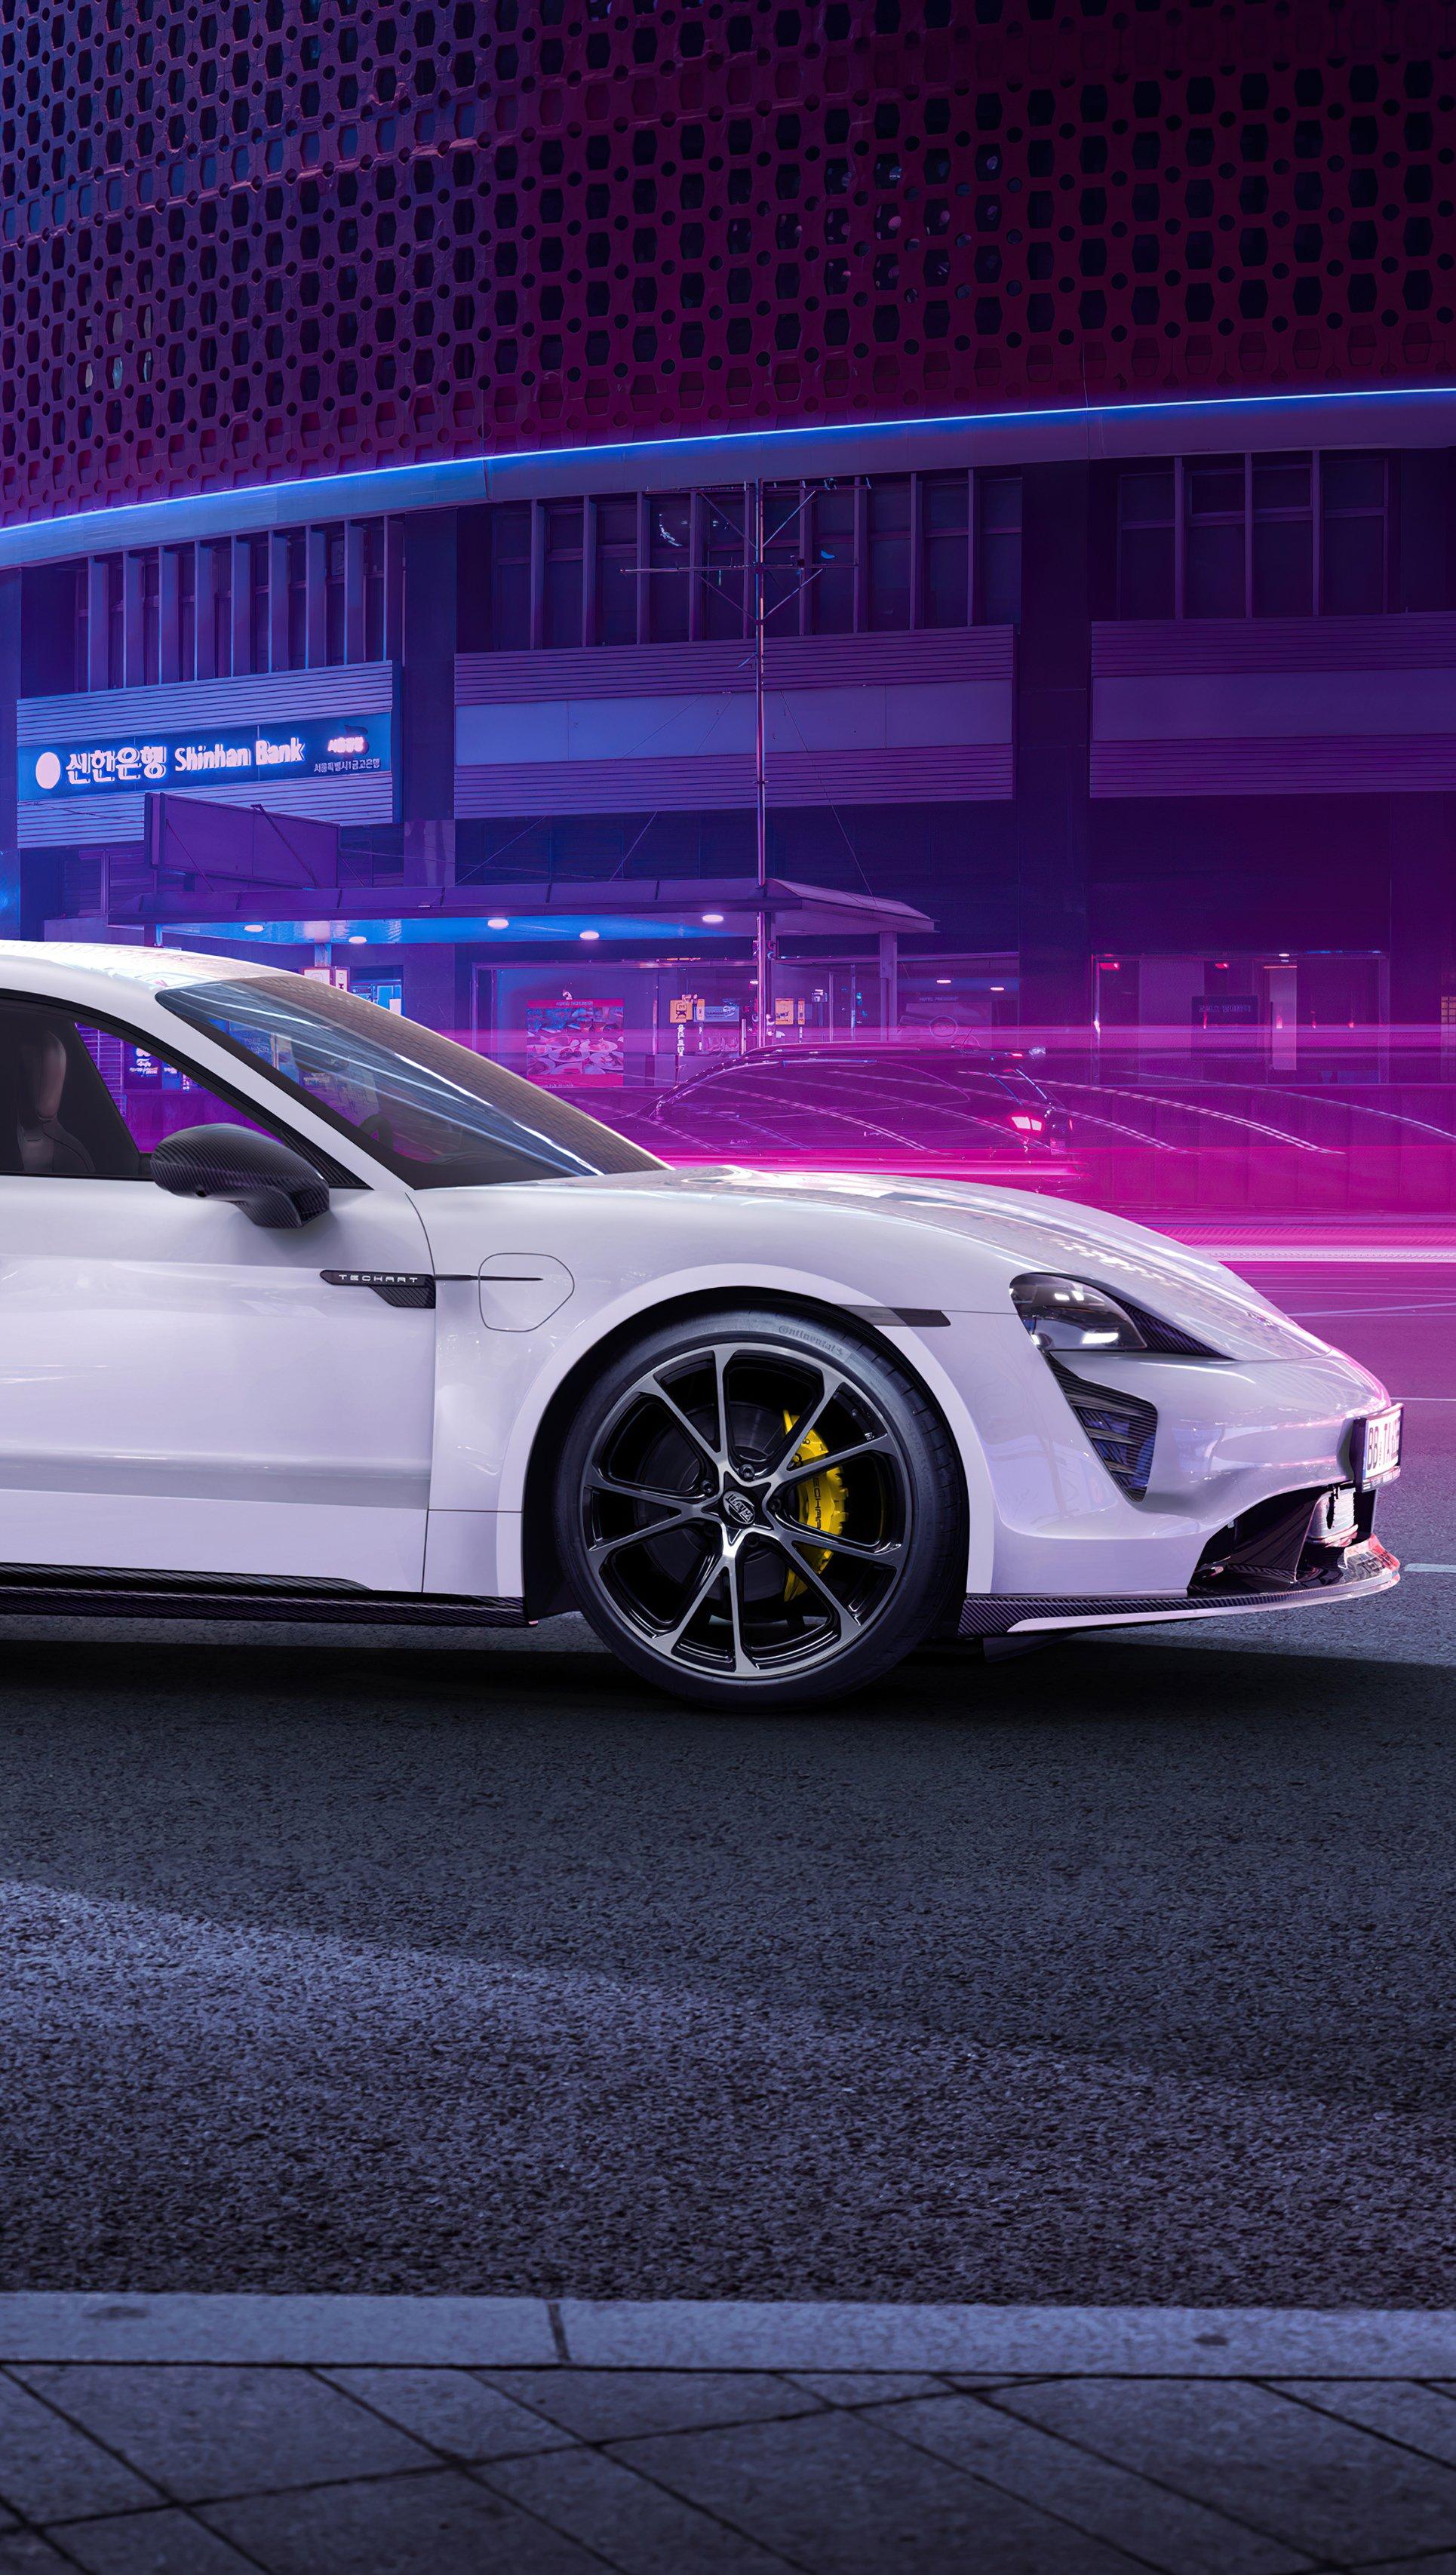 Fondos de pantalla Techart Porsche Taycan Aerokit 2021 Vertical